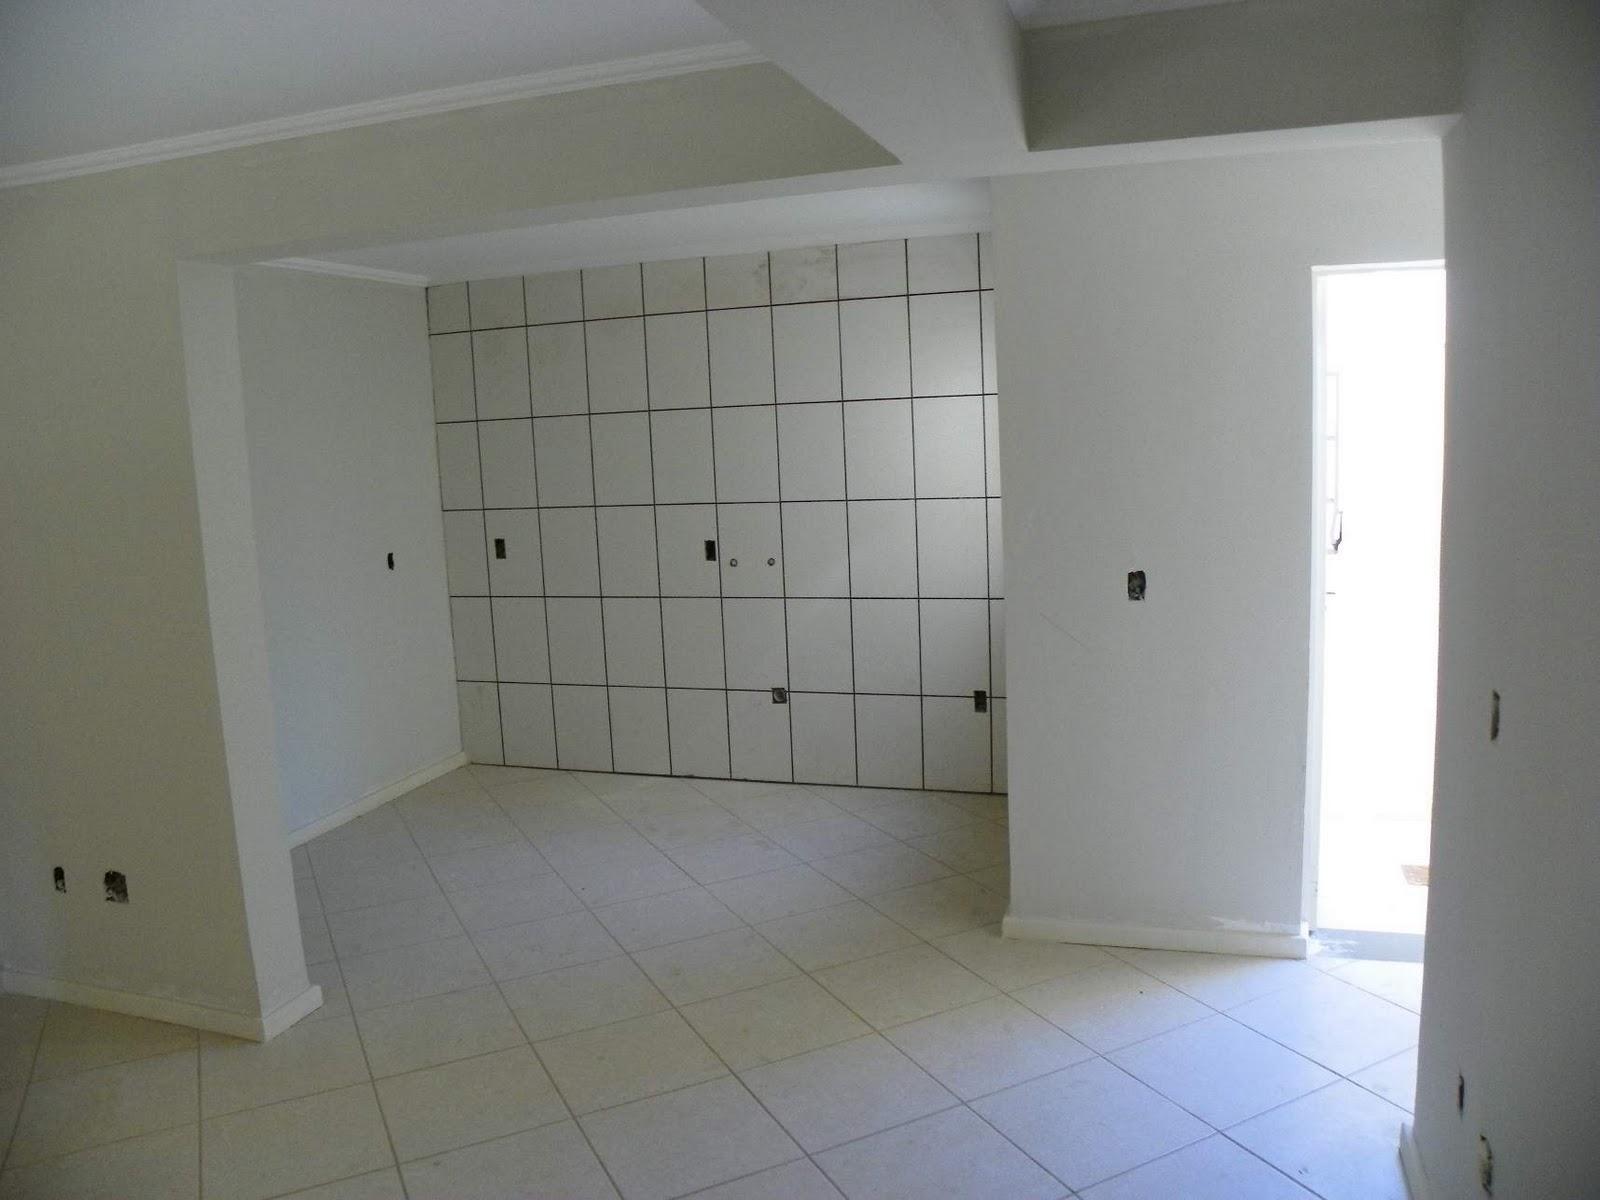 Segue abaixo algumas fotos mostrando um pouco mais dos sobrados #41598A 1600x1200 Banheiro Com Azulejo No Teto